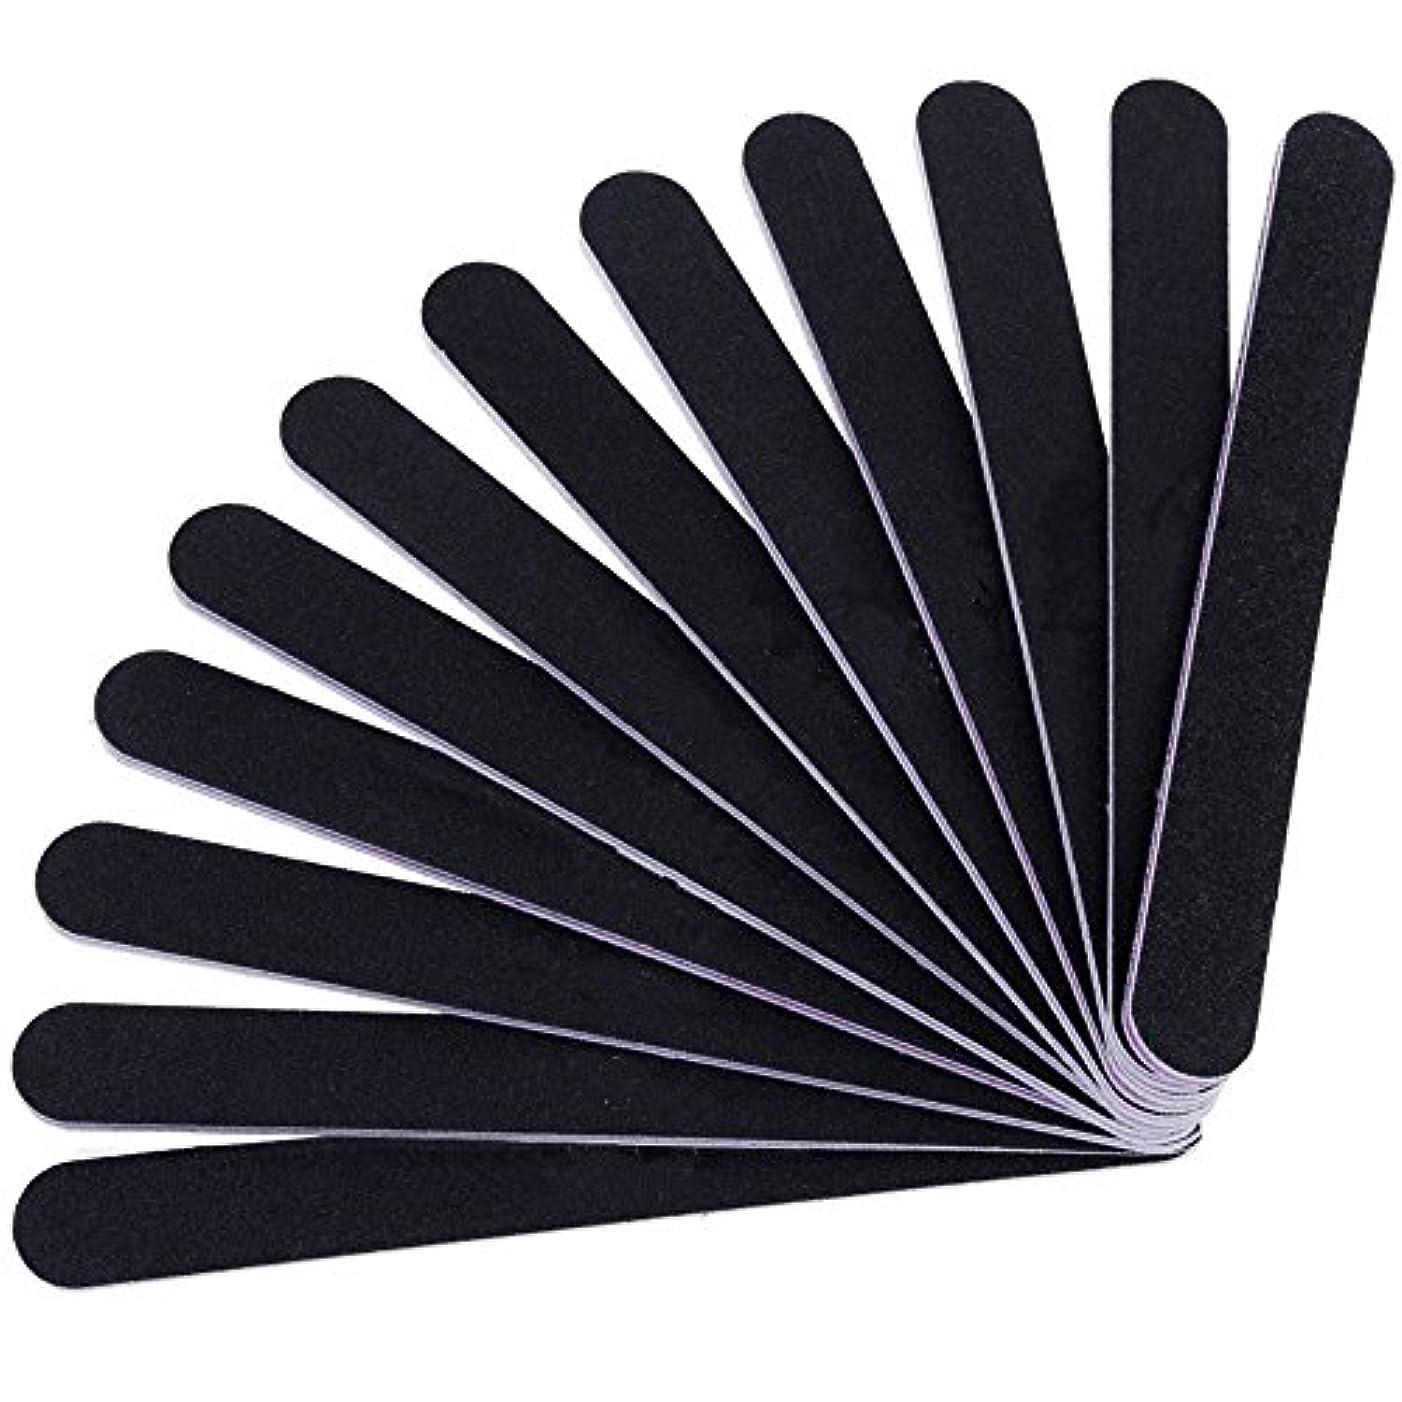 採用レンジ空中12本セット ネイルファイル ZILONG 爪磨き 爪やすり 両面タイプのエメリーボード 100/180グリット ネイルやすり お手入れ ブラック